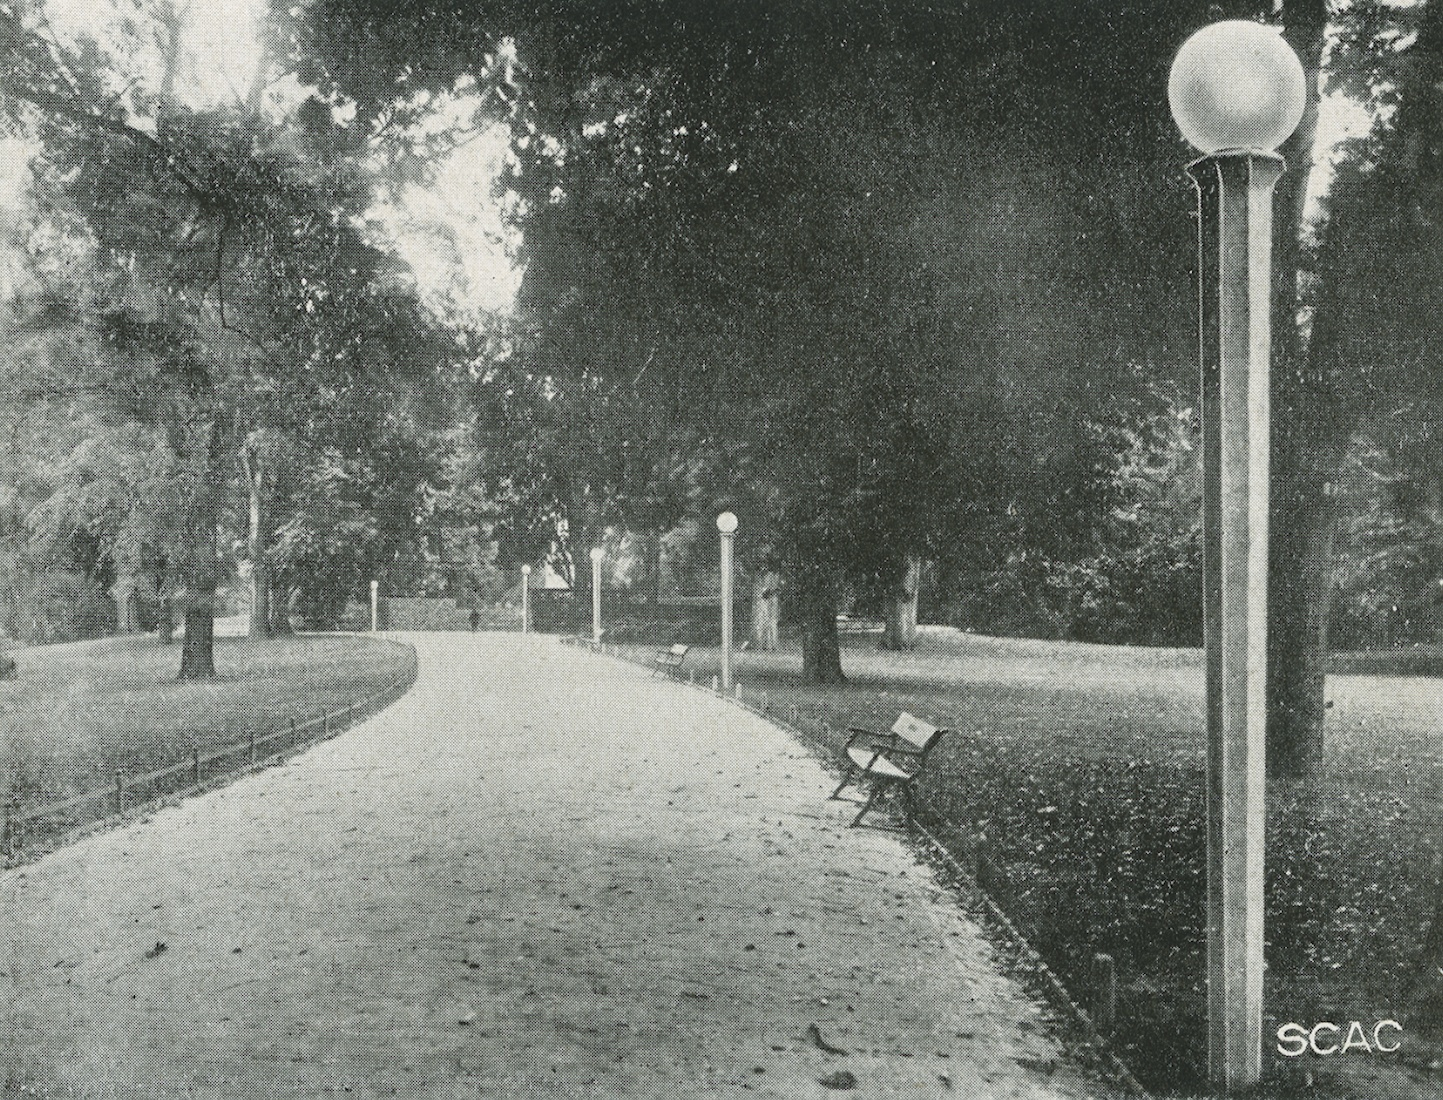 Milnao, i pali in cemento per l'illuminazione del Parco Sempione